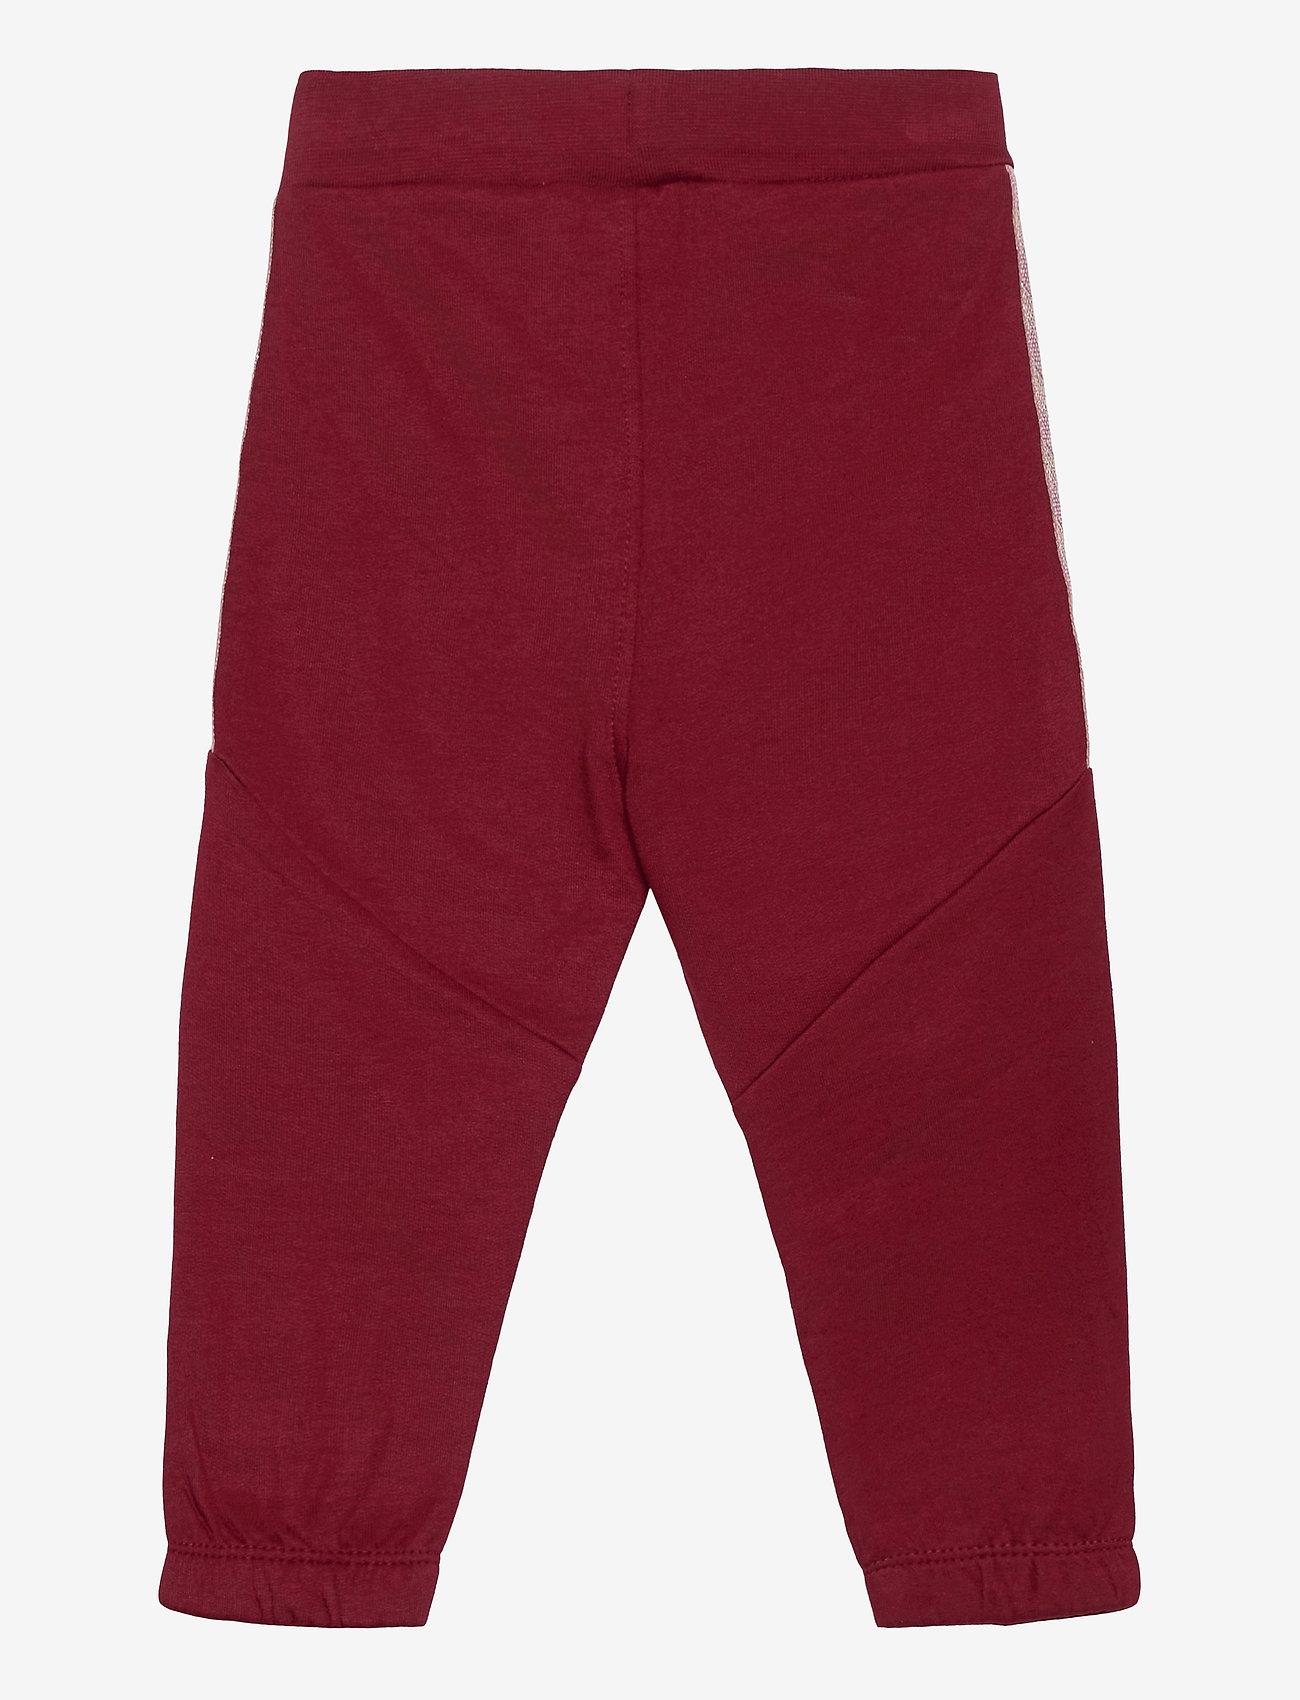 Hummel - hmlBLESS PANTS - sweatpants - cabernet - 1